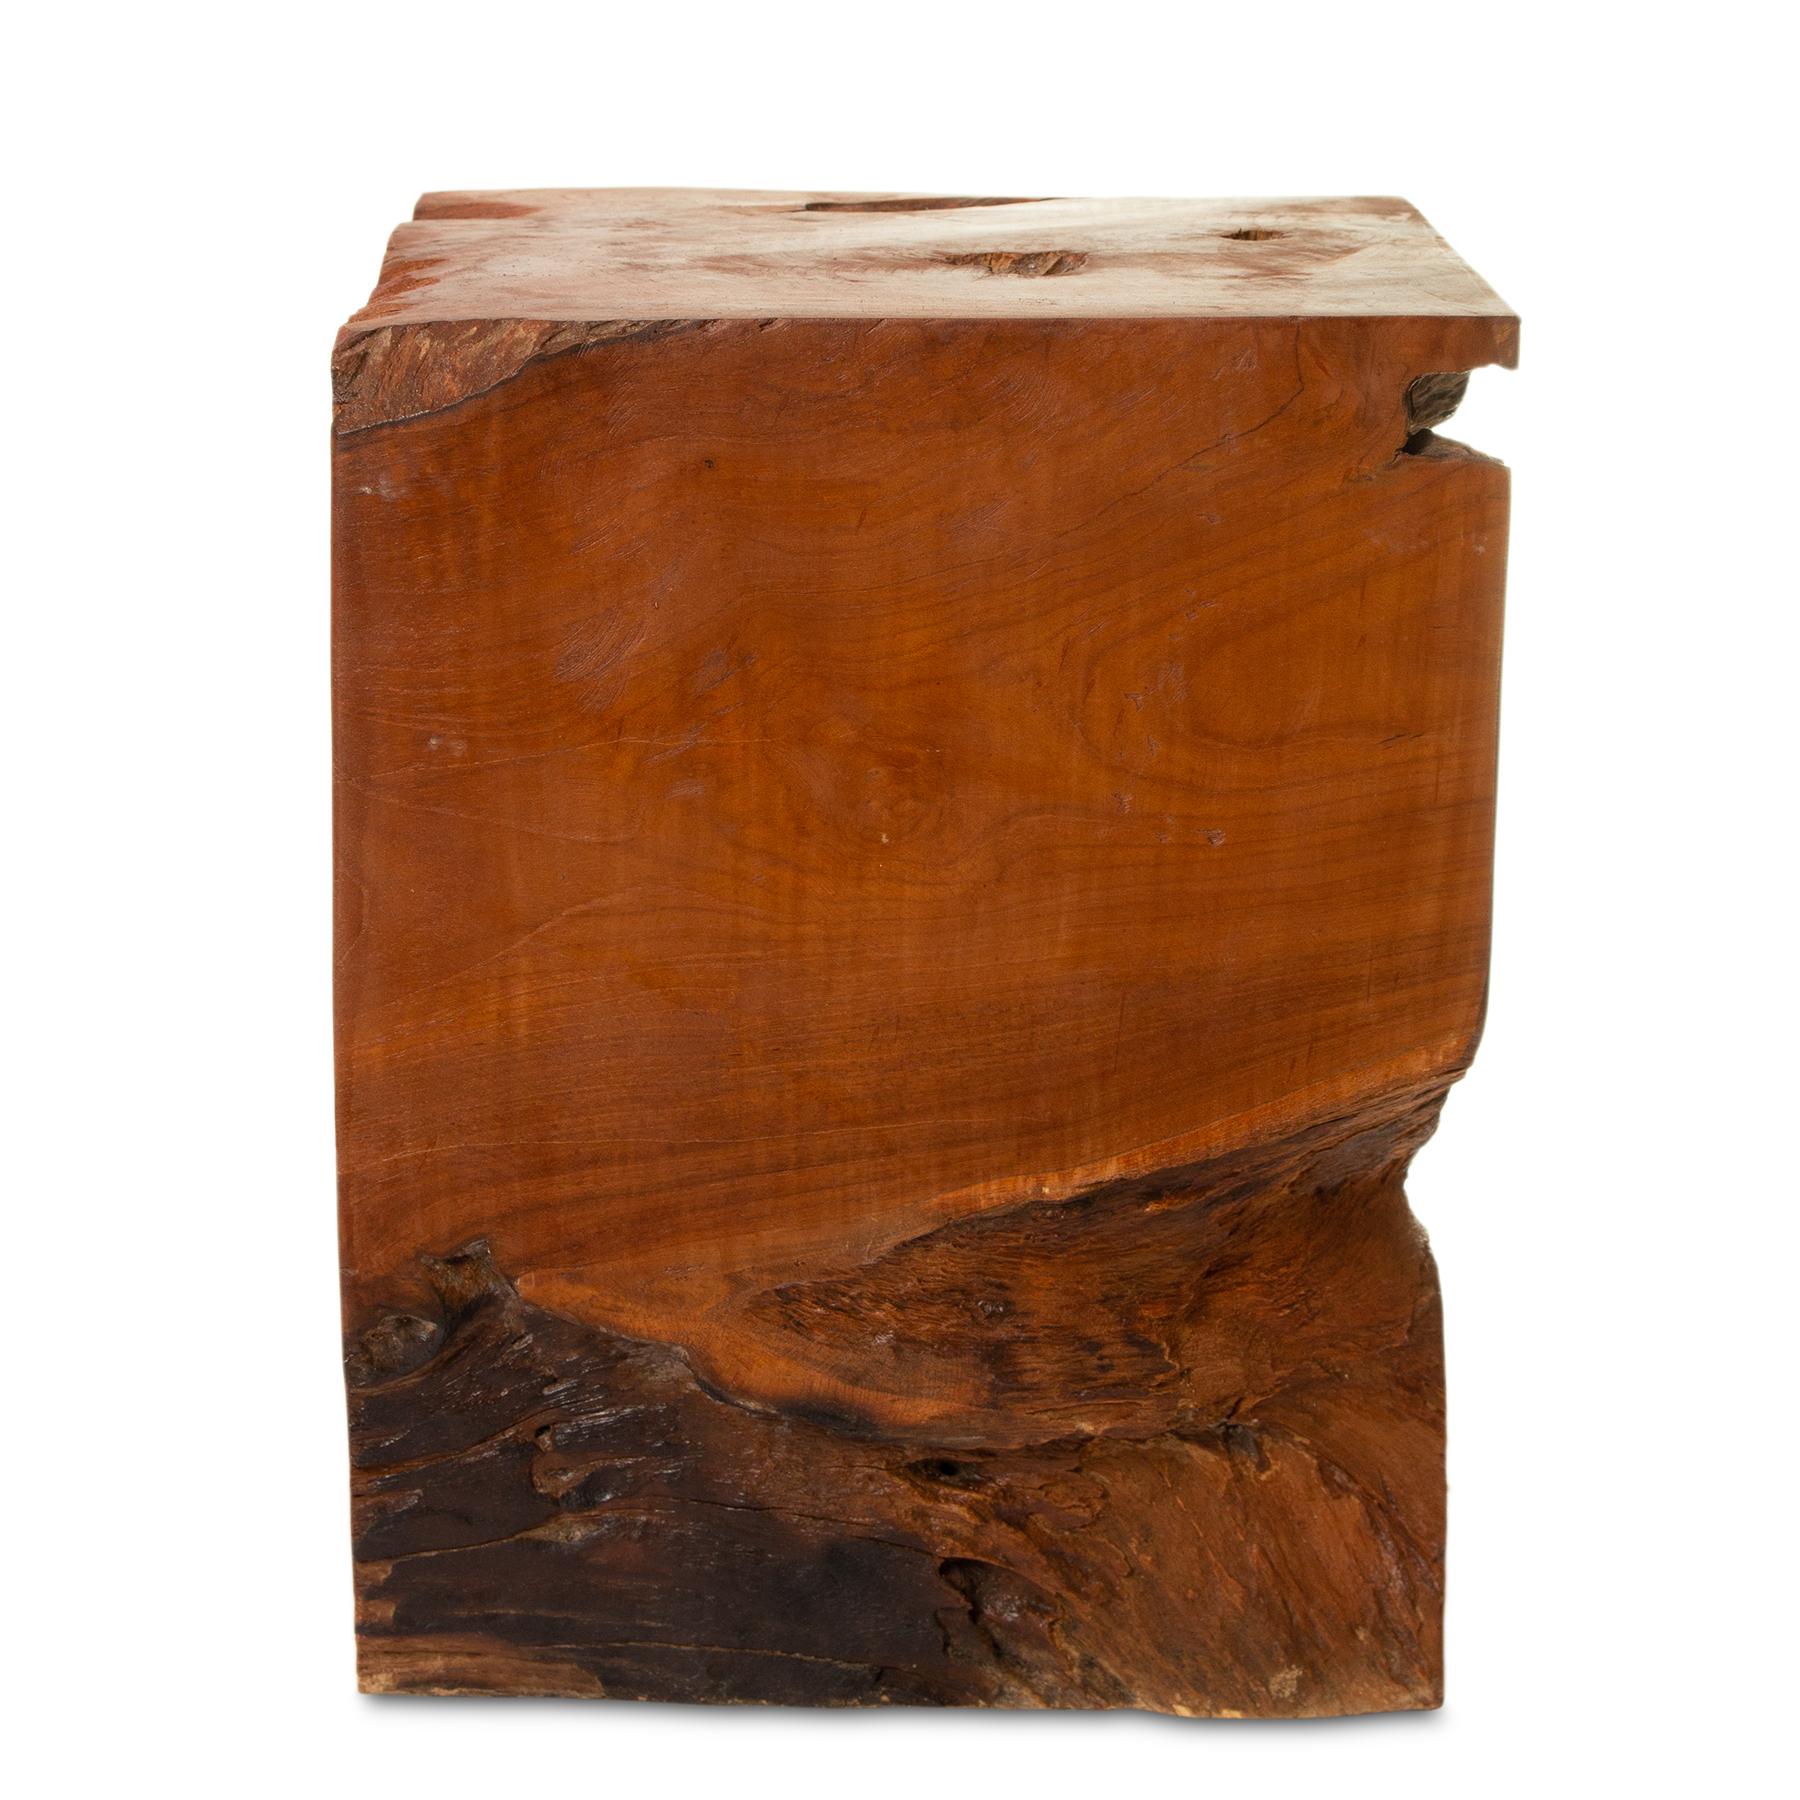 Teak Hocker ca. 40cm hoch Pfanzenhocker Beistelltisch Massiv Wurzelholz – Bild 3